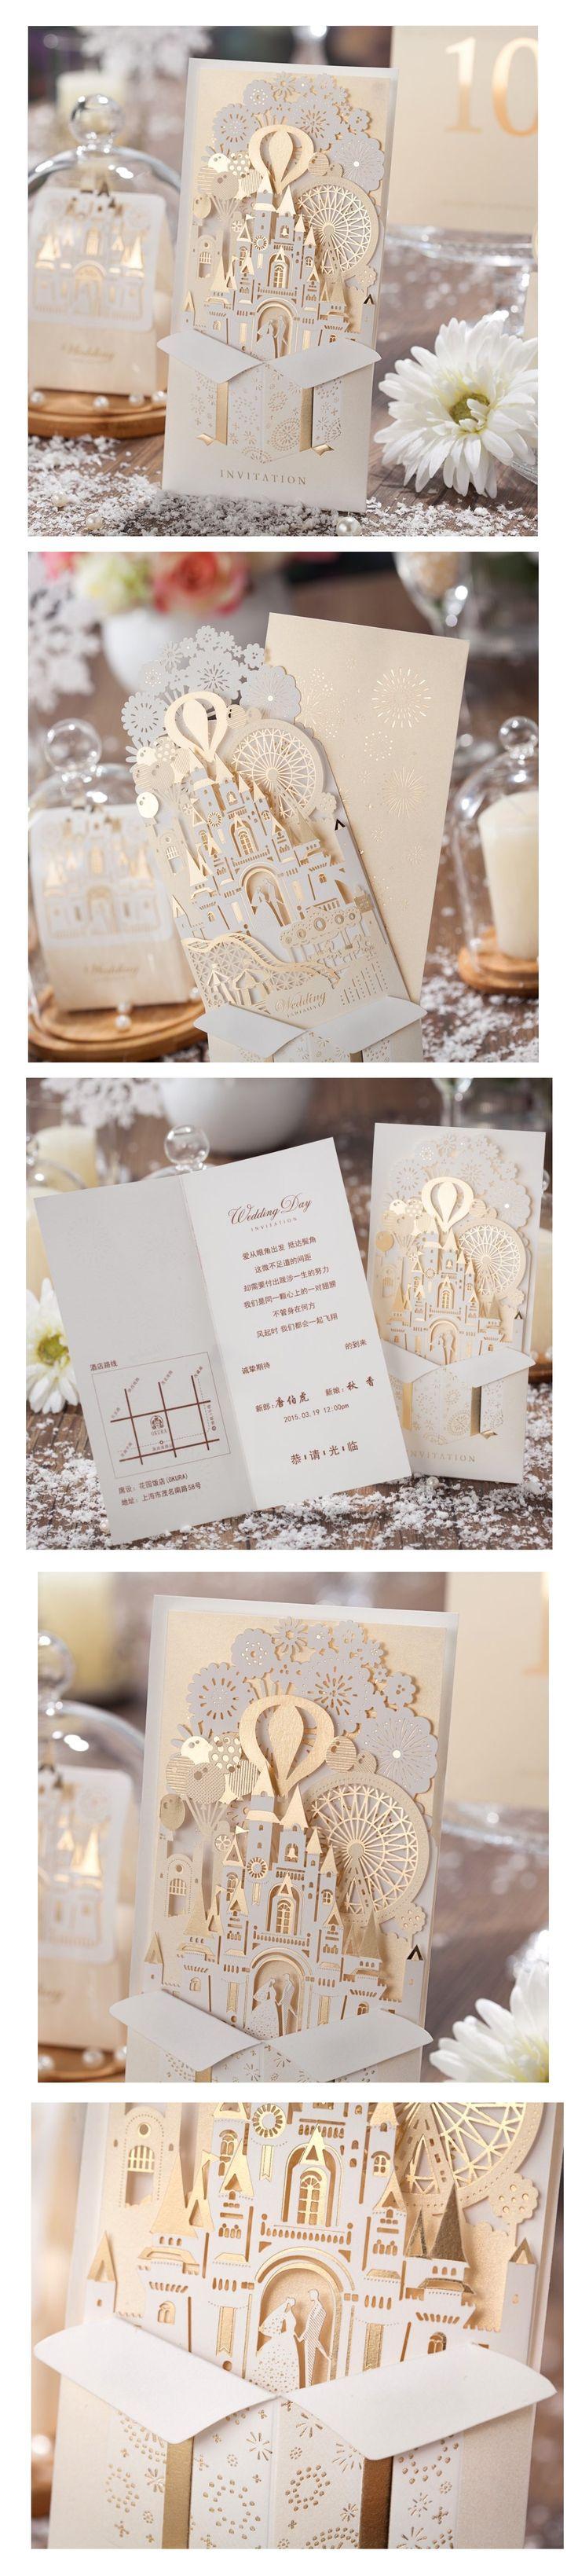 Mickey and Minnie Wedding Theme Ideas  Disney Wedding Theme Ideas Fantastical Weddings Invitations  fantasticalweddings.com  3D Disney Wedding Invitations | Amazon.com